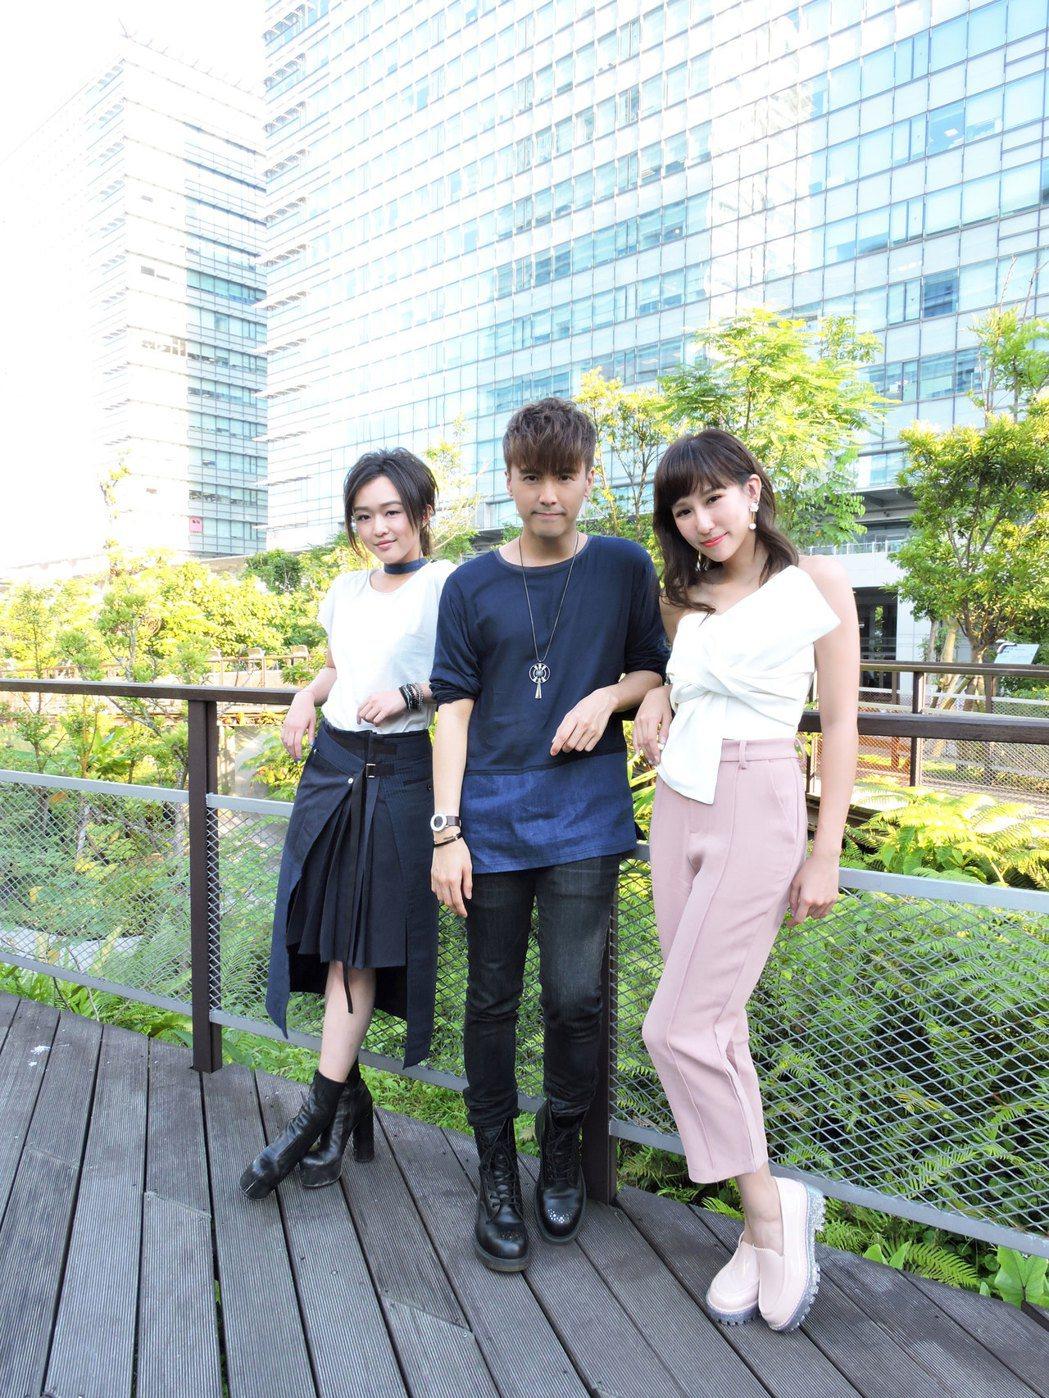 陳明熹(左起)、何維健、潘嘉麗為「鐘樓怪人」唱原聲帶。圖/太陽娛樂提供